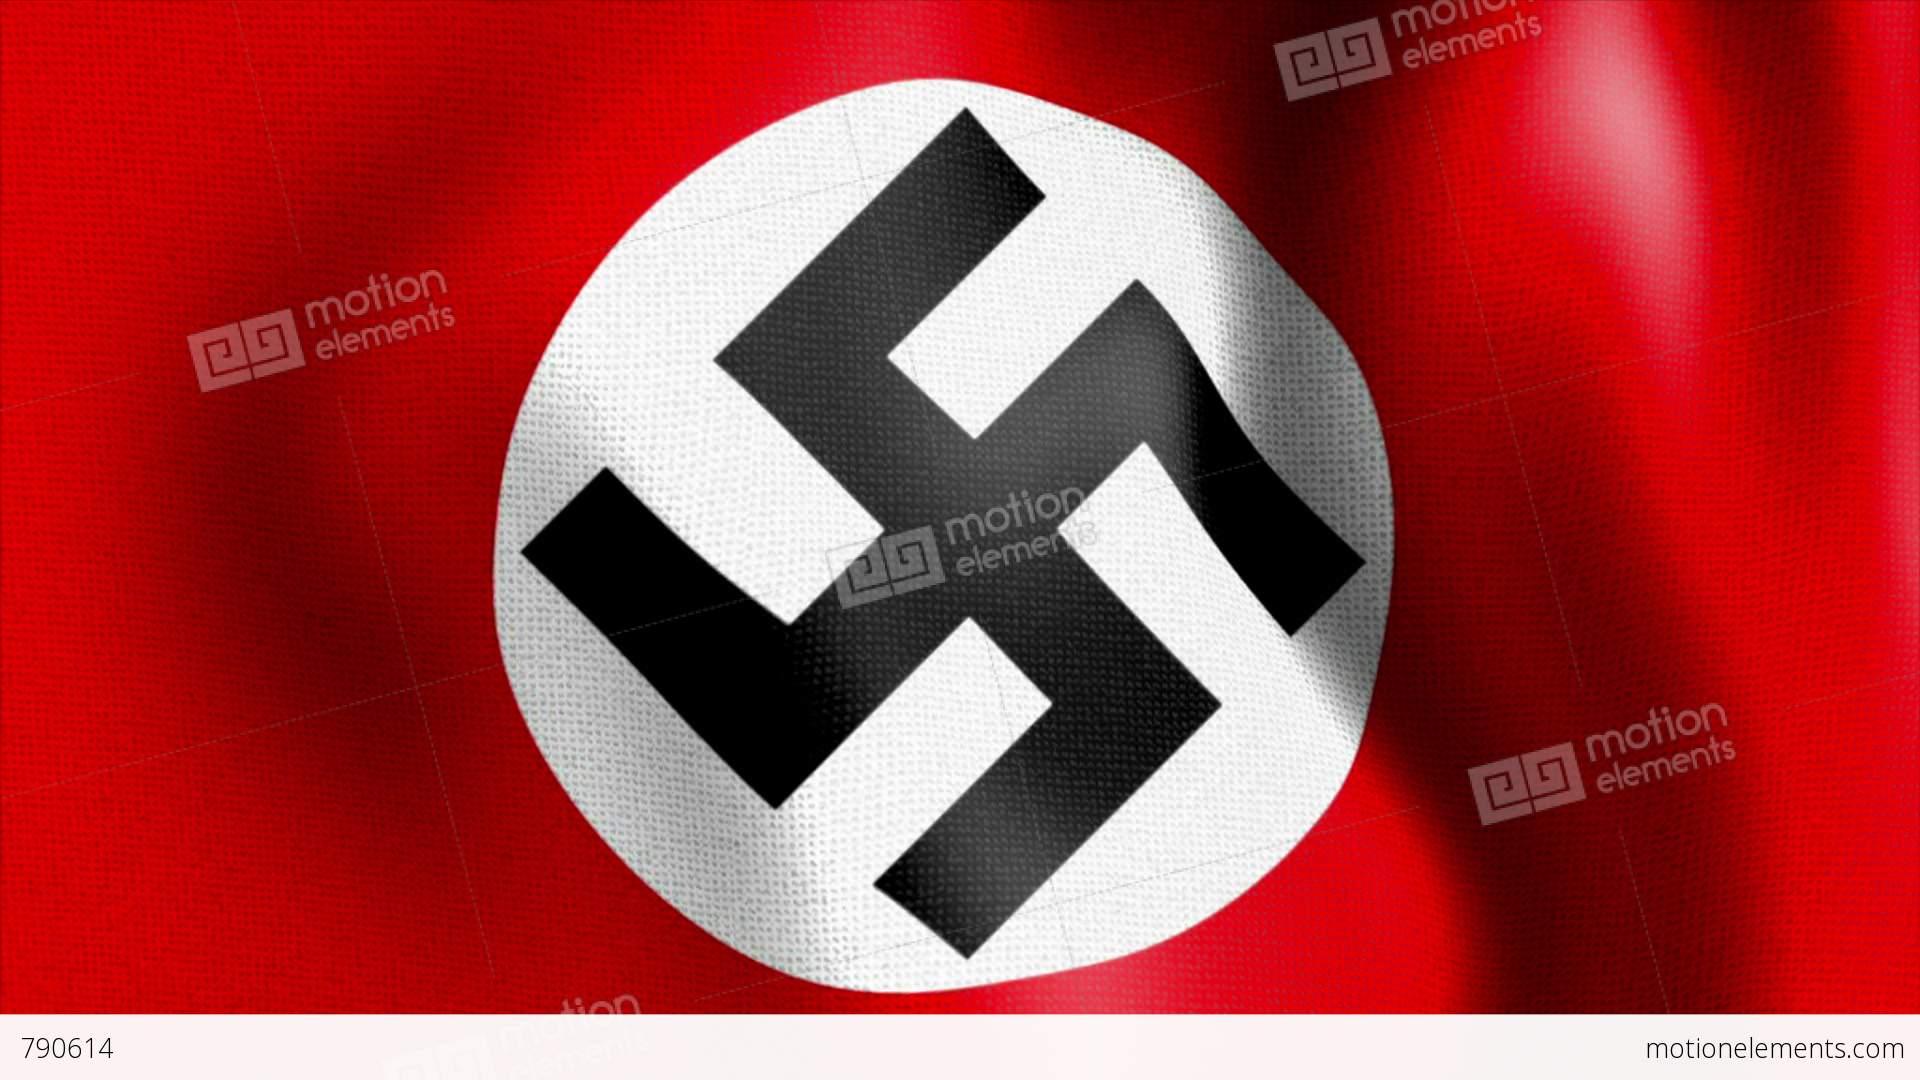 10675 waving swastika nazi flag stock animation 790614 10675 waving swastika nazi flag stock video footage biocorpaavc Images